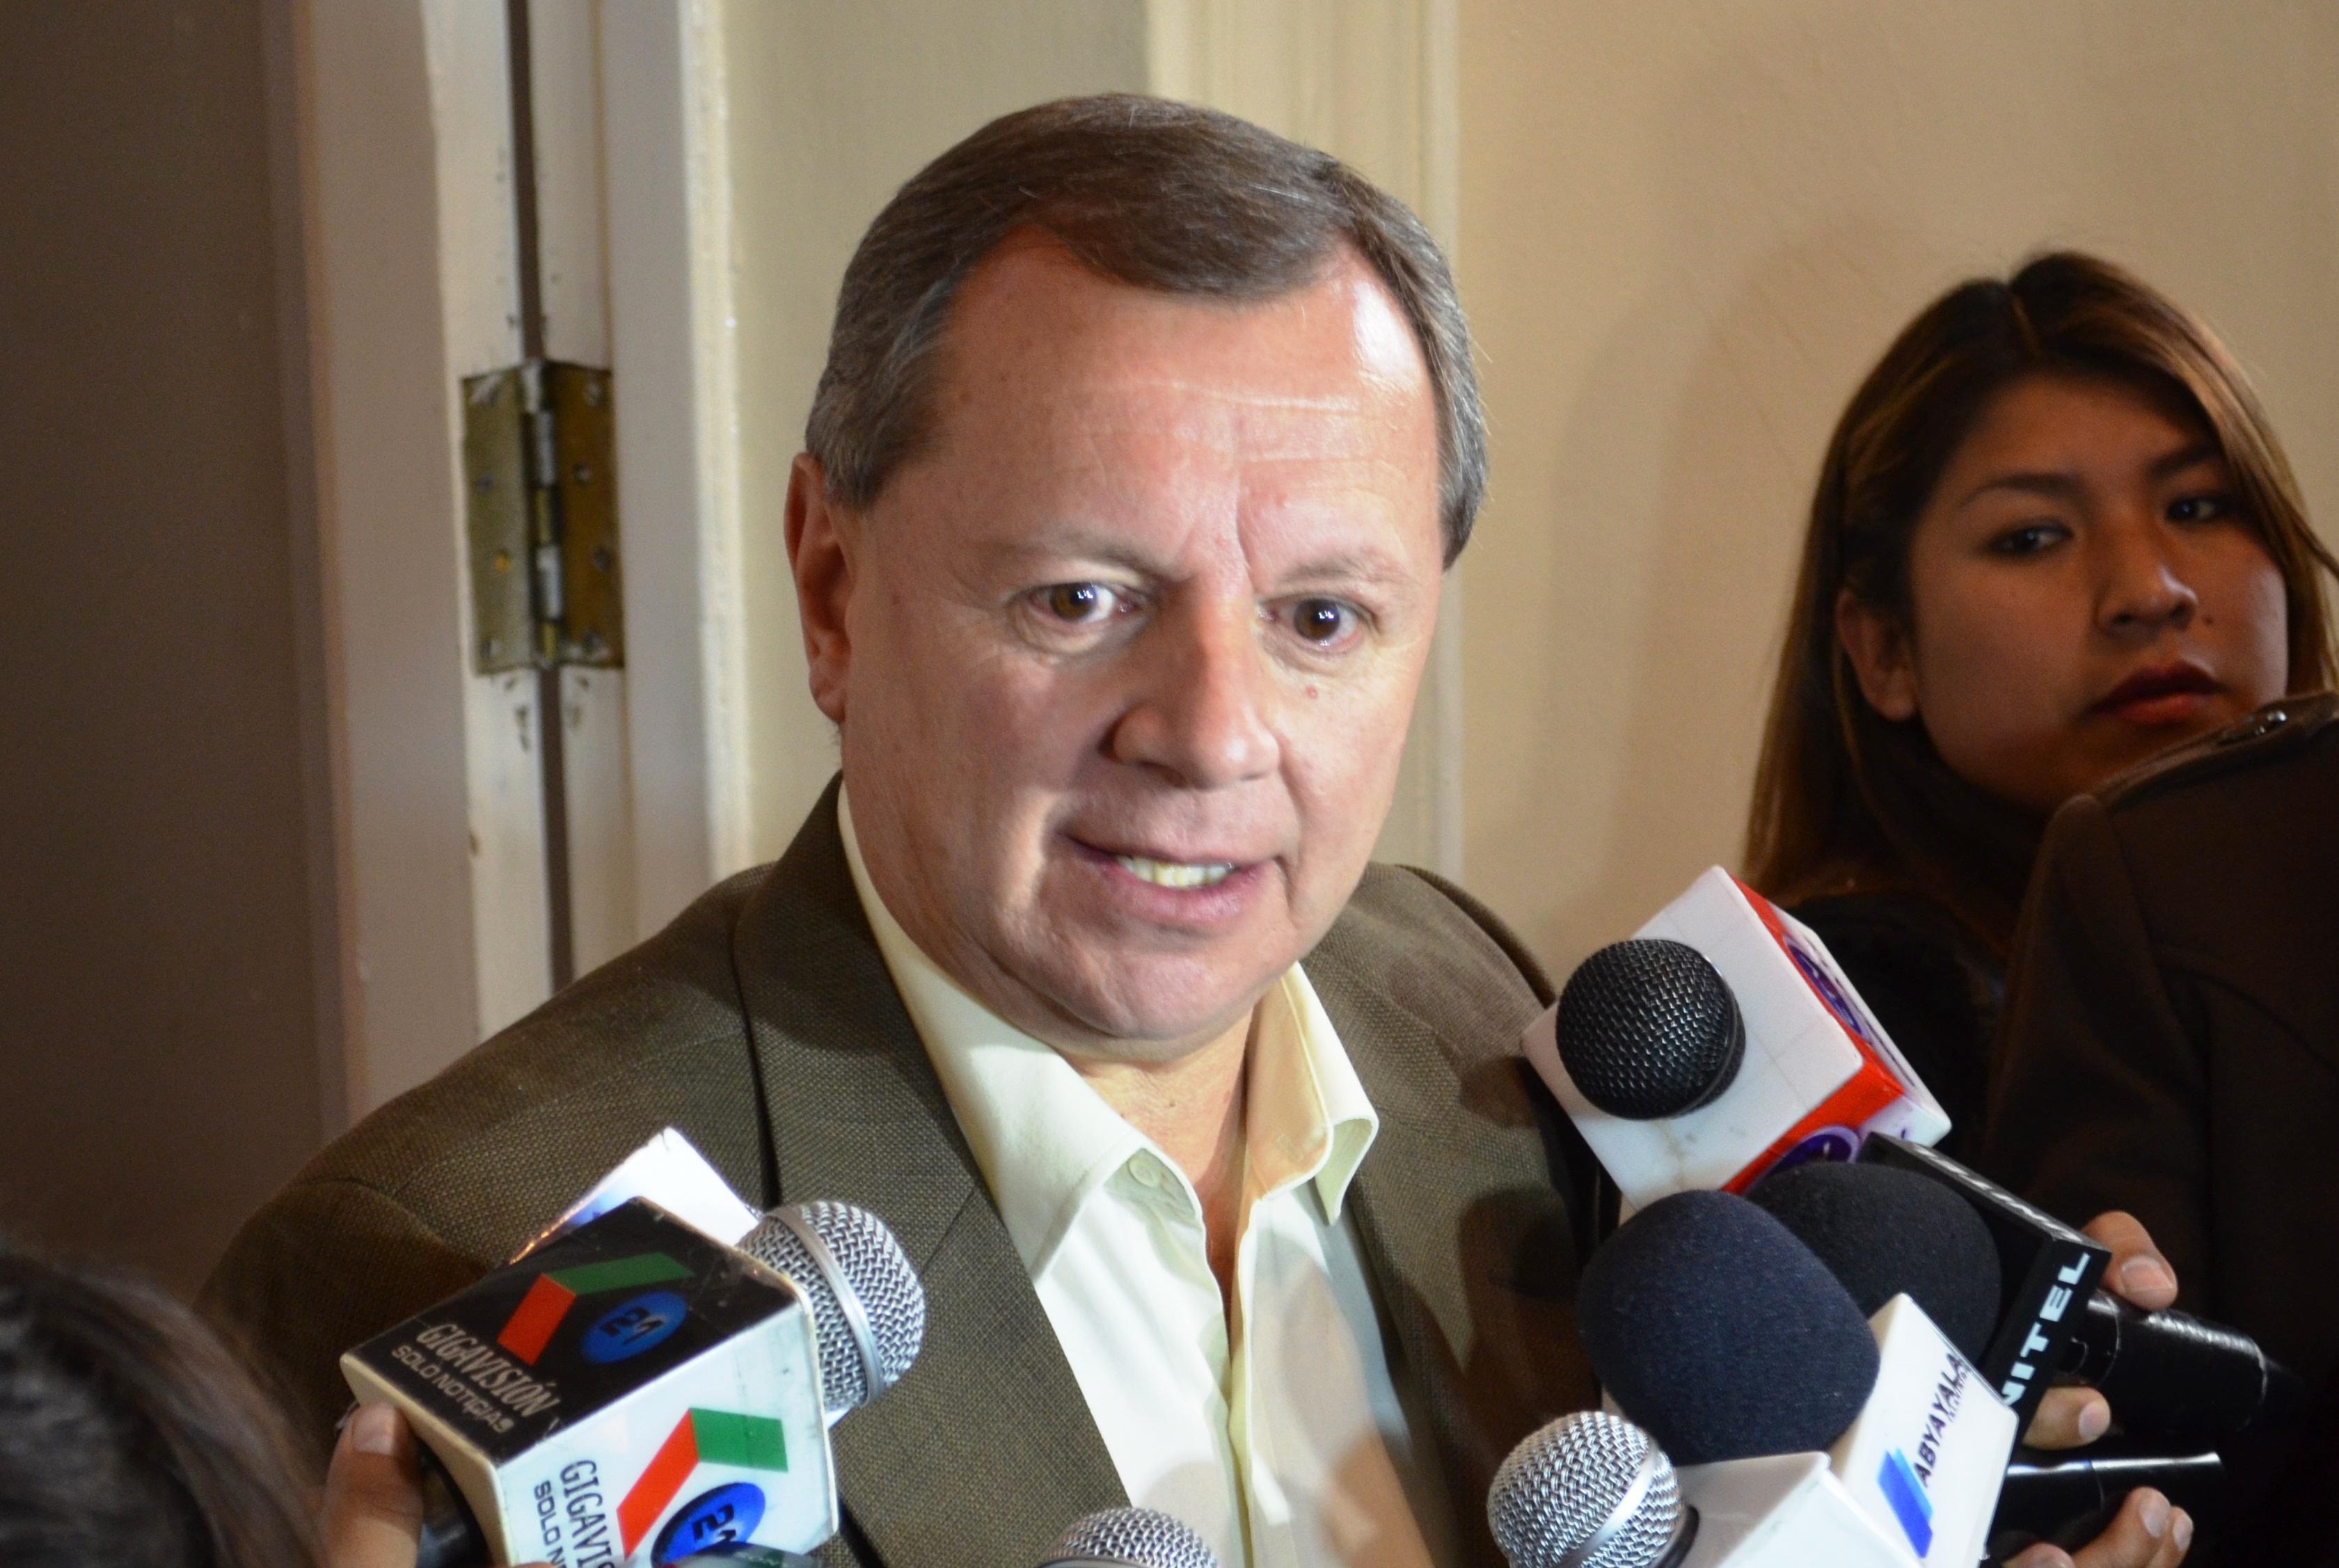 Gonzales destaca reducción de cultivos de hoja de coca en el gobierno de Morales